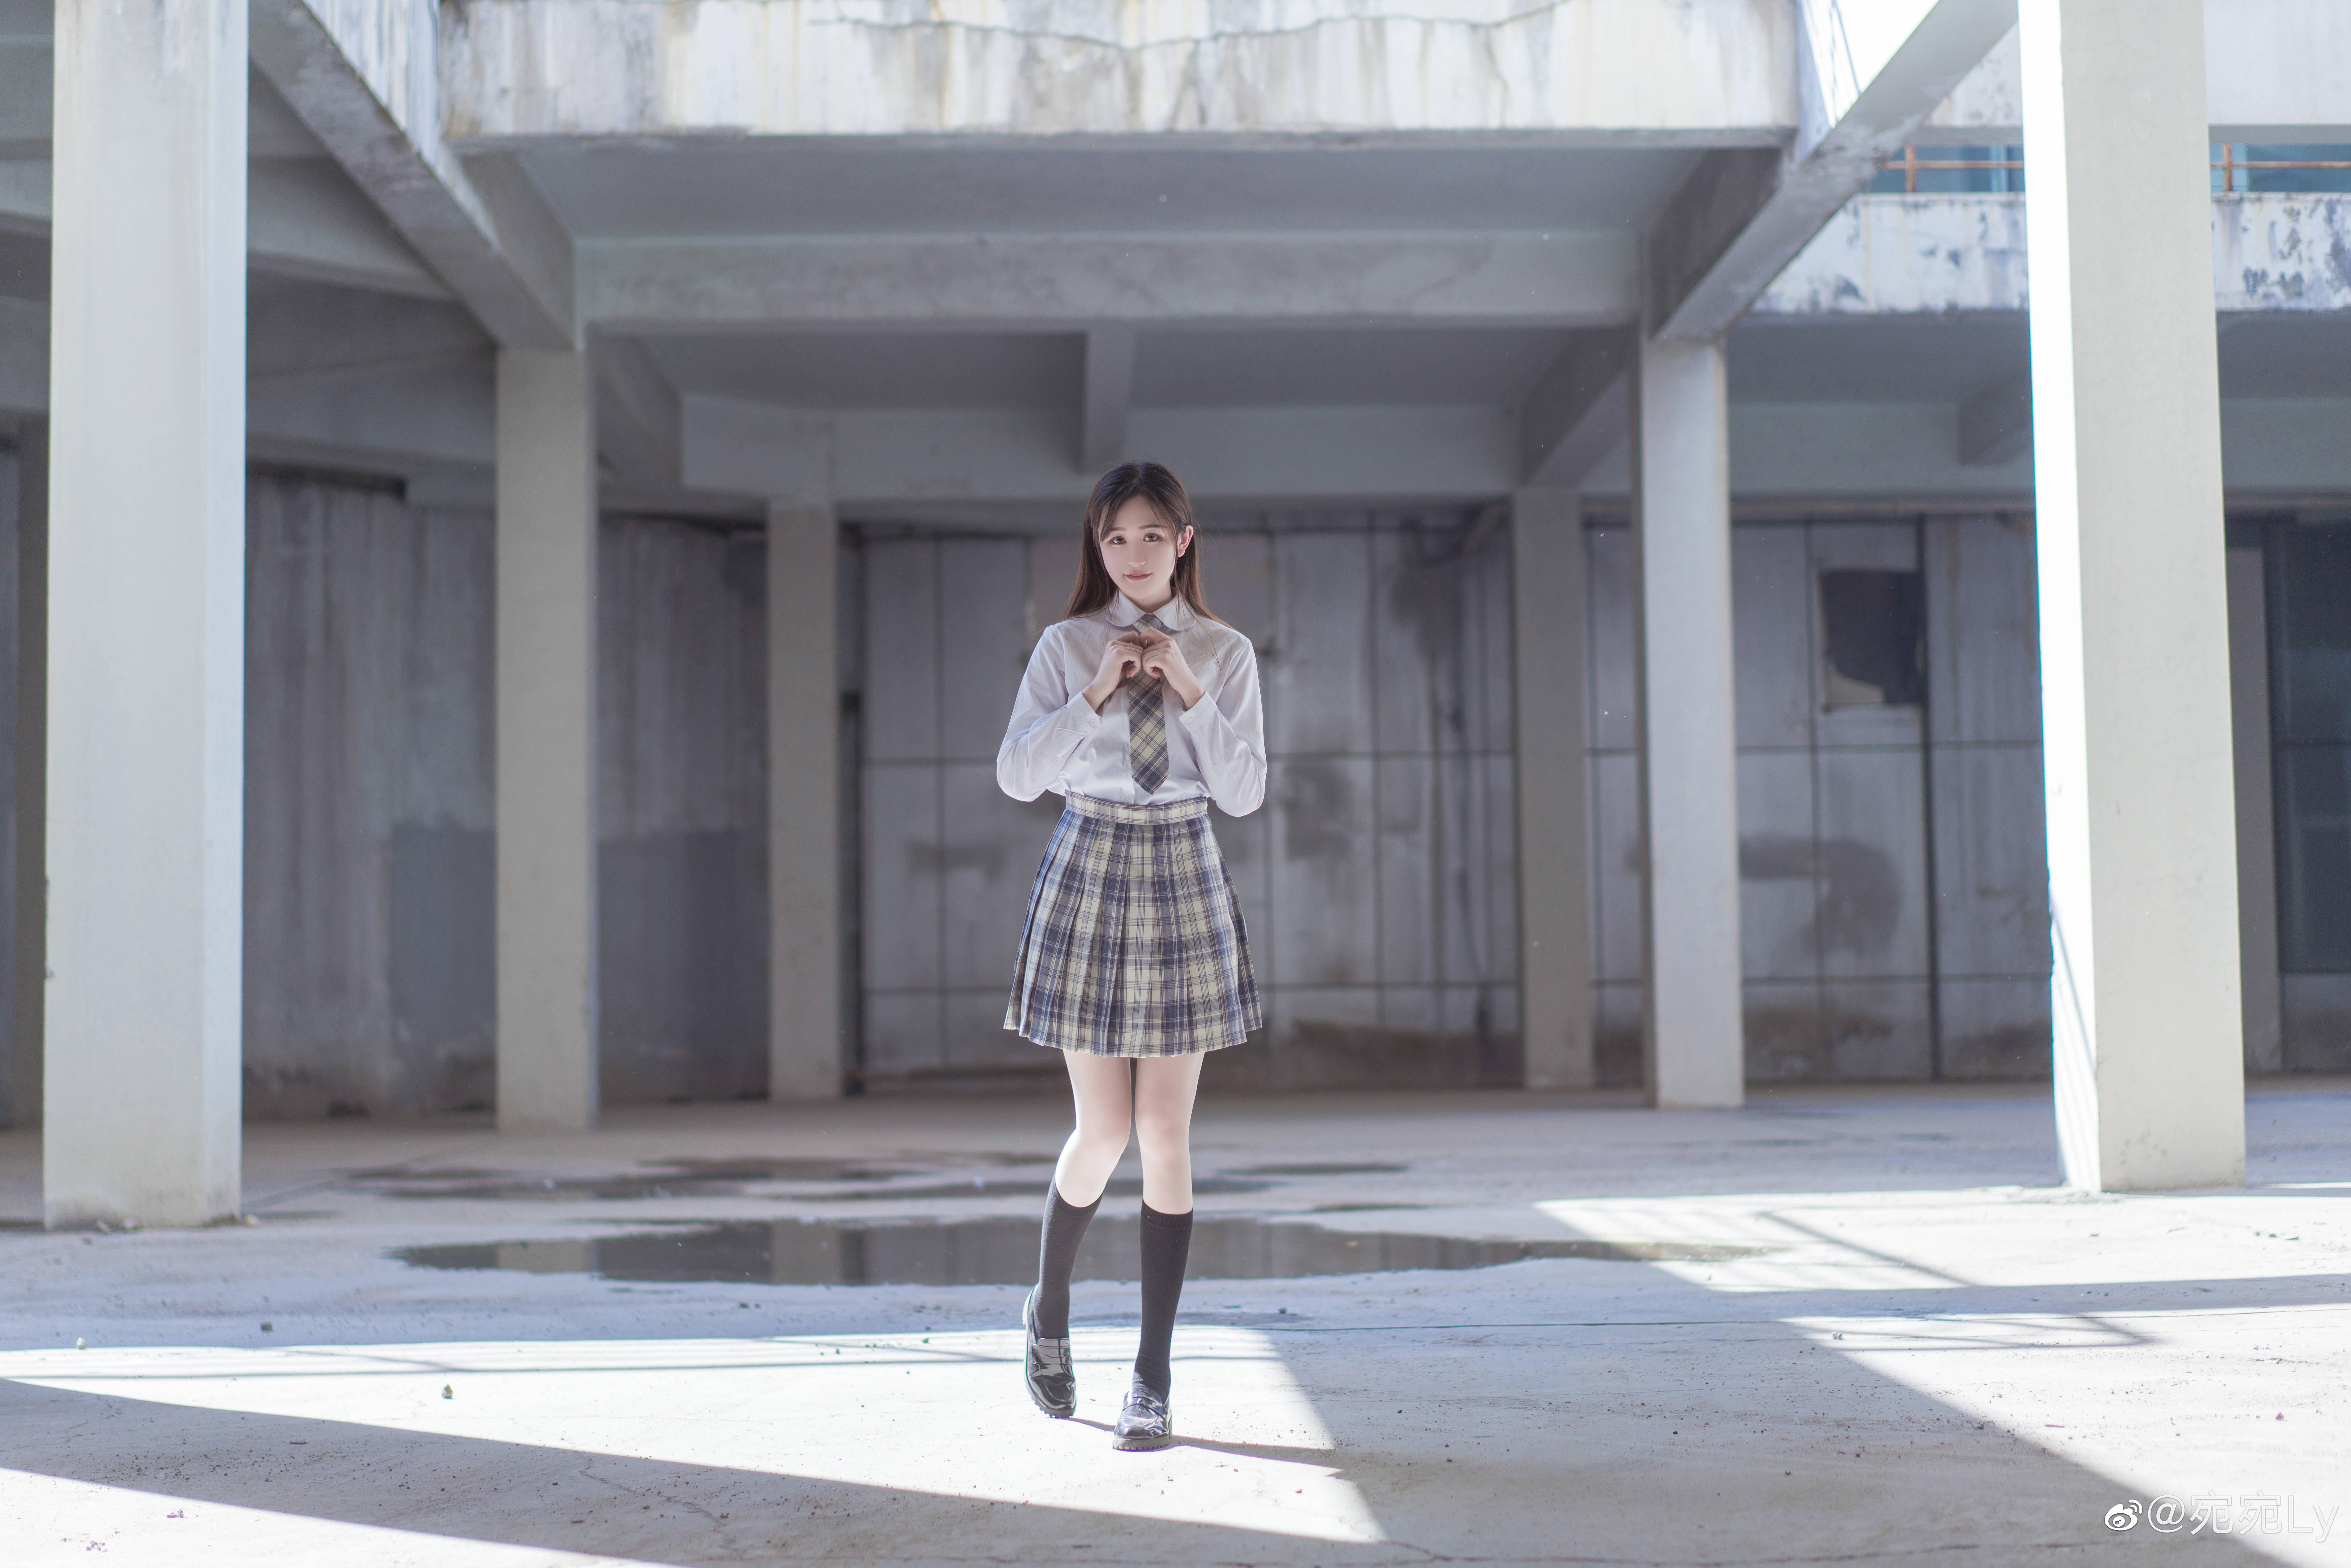 [JK写真]好想看你穿jk的样子 @宛宛Ly 时尚-第1张